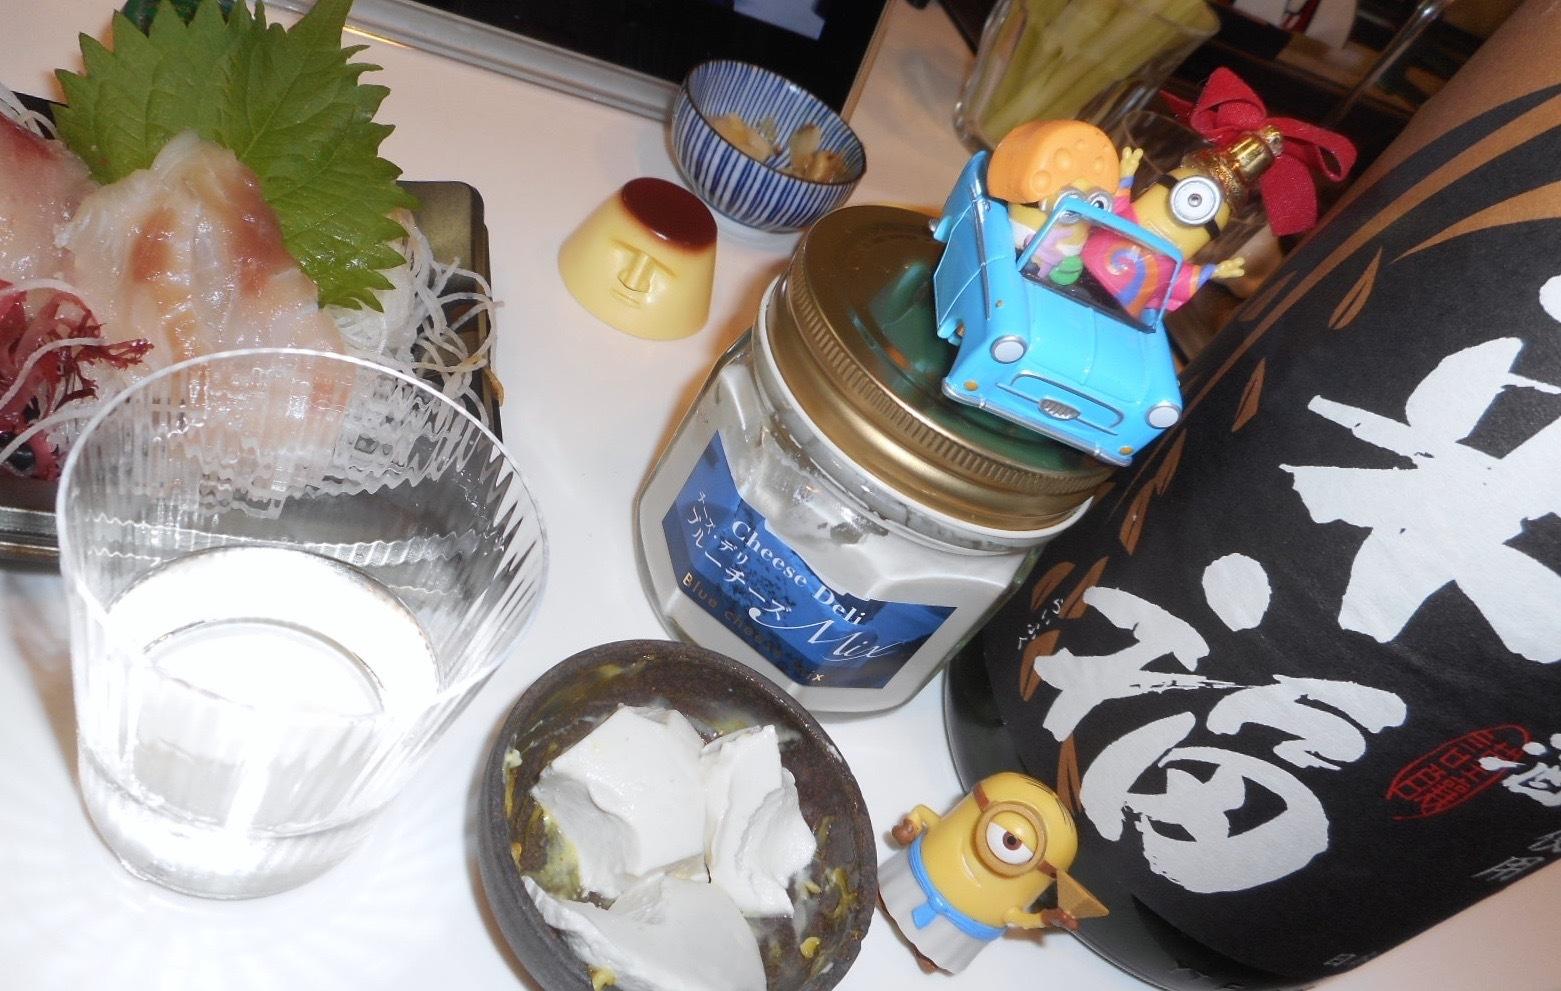 raifuku_hatsushibori29by3_4.jpg